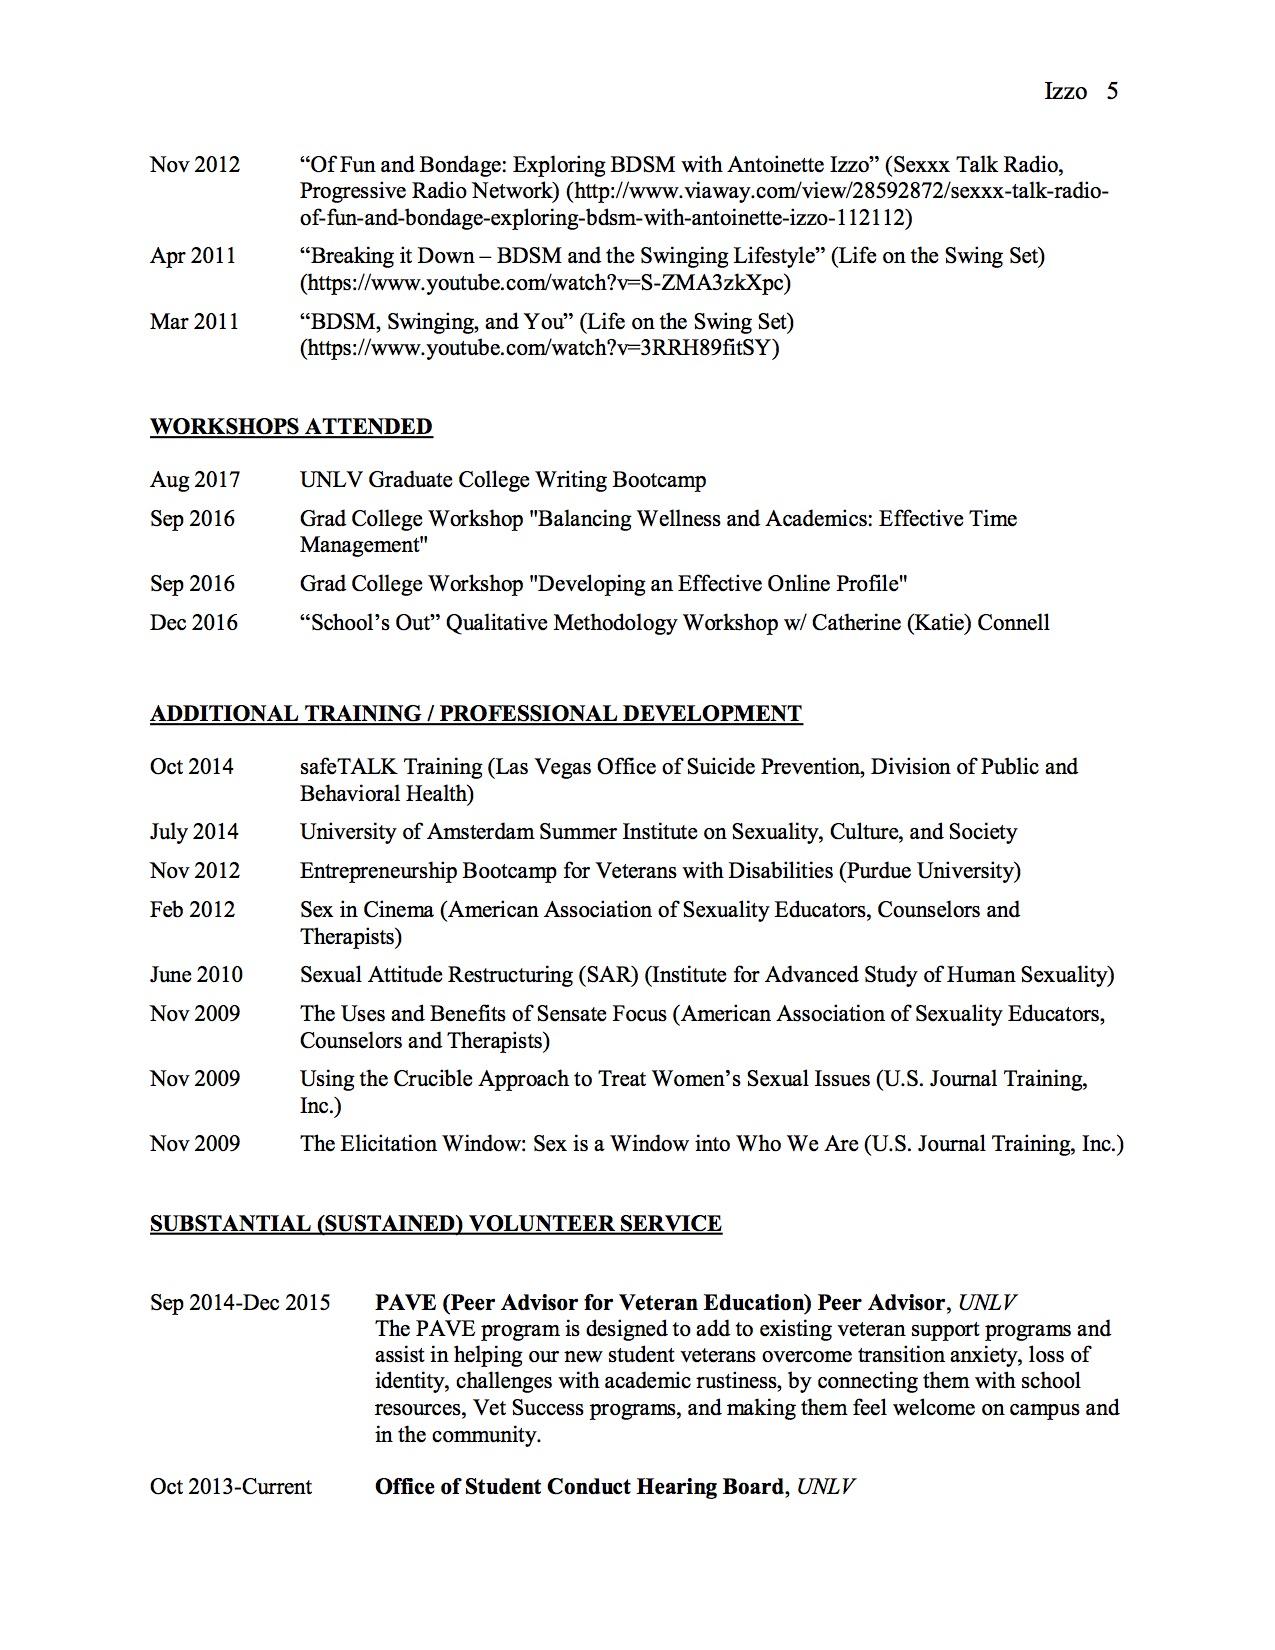 Izzo CV Aug 2017-page5